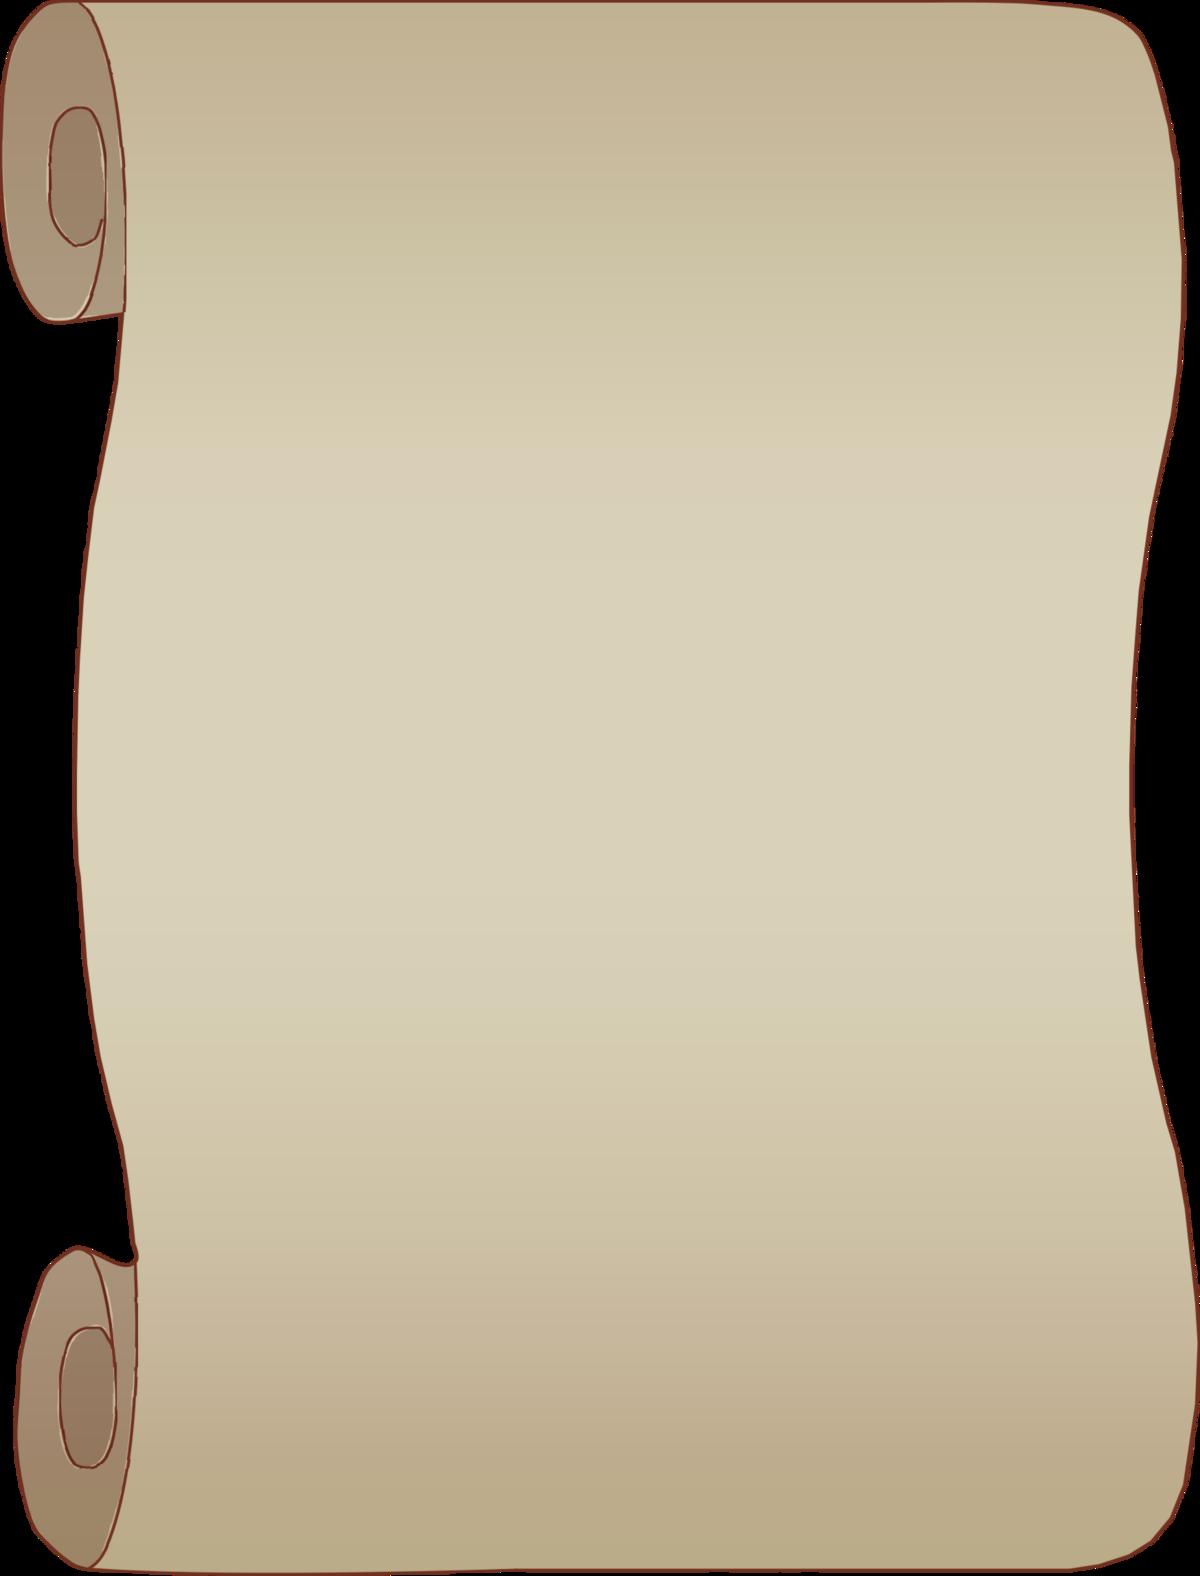 Картинка свитка для надписи